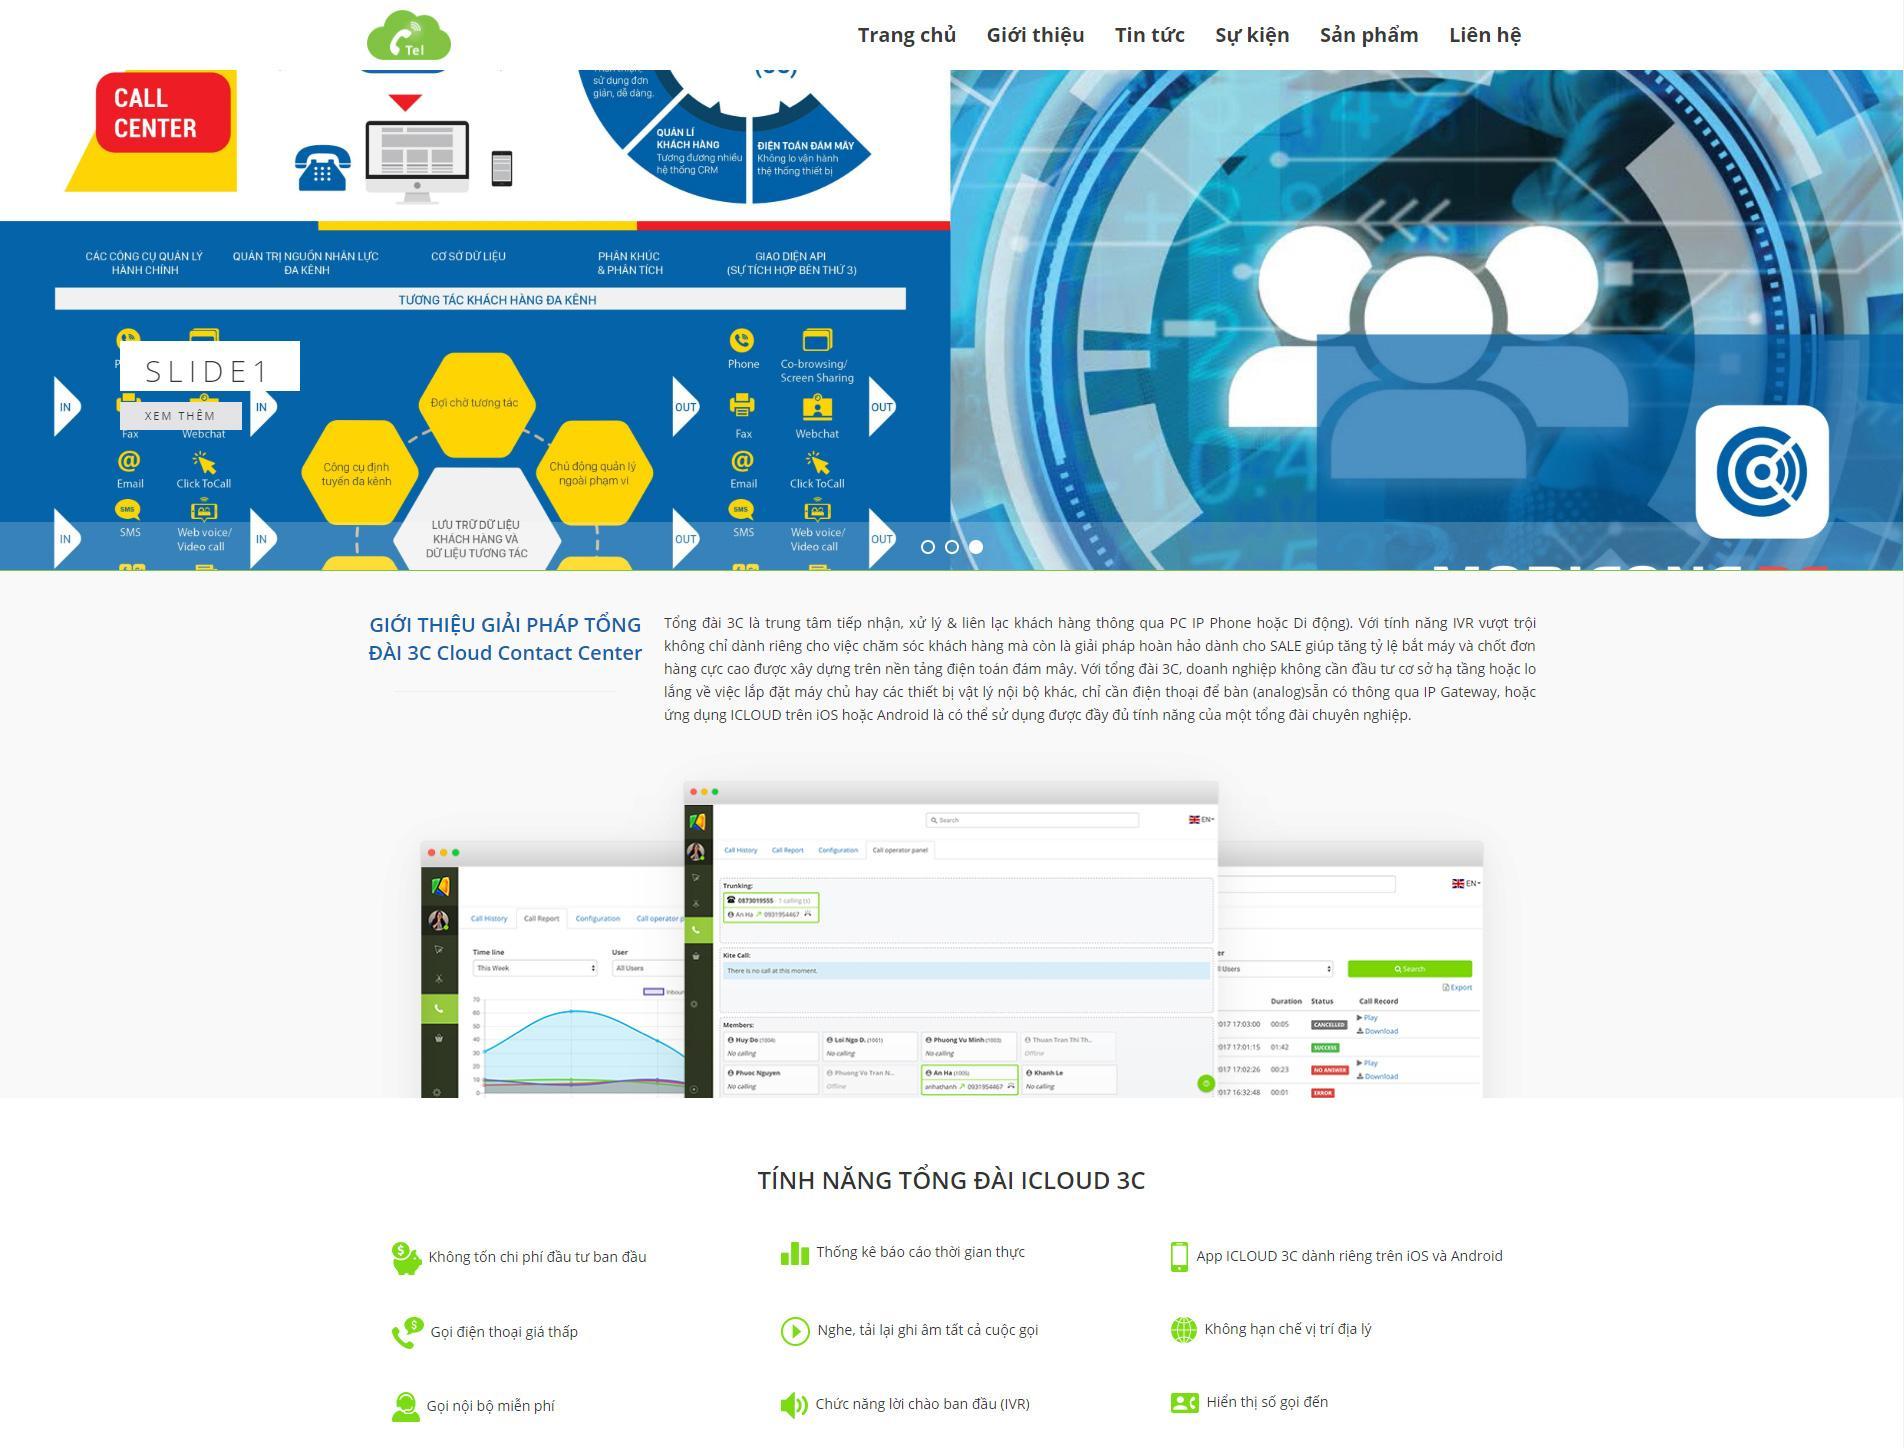 GIỚI THIỆU GIẢI PHÁP TỔNG ĐÀI 3C Cloud Contact Center